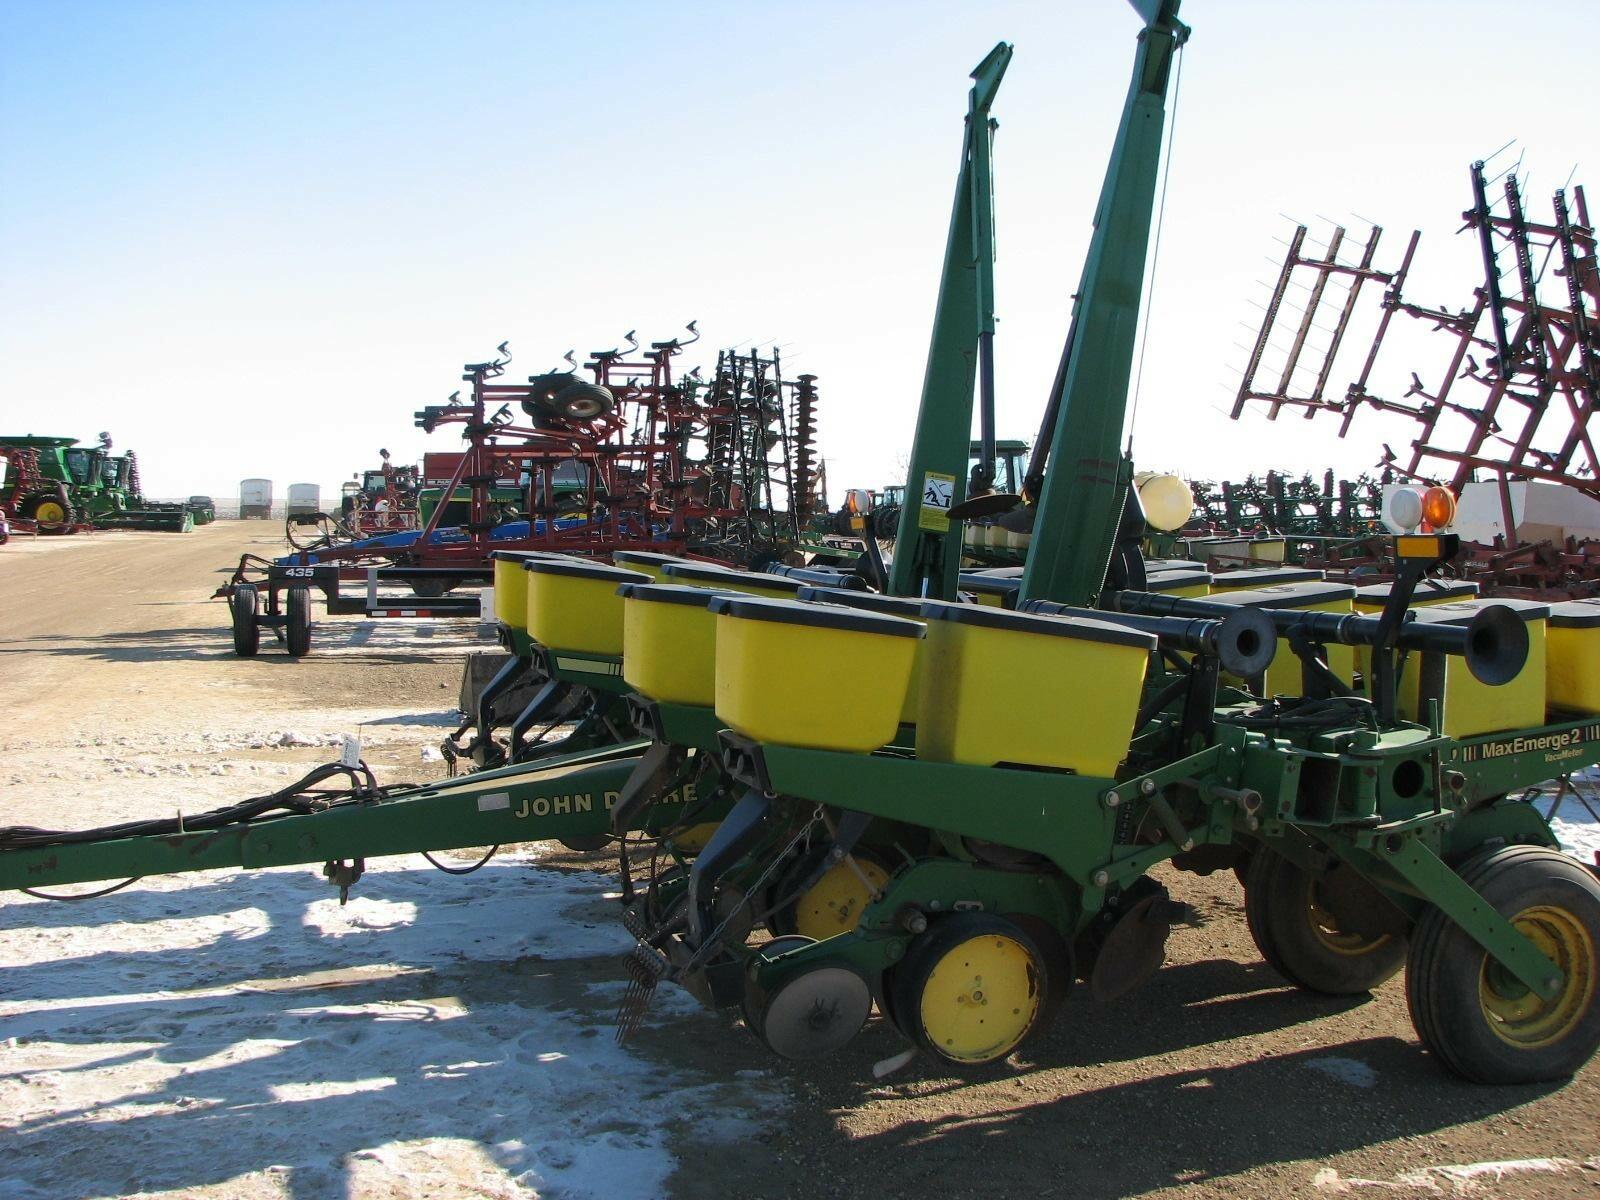 1995 John Deere 7200 Planter